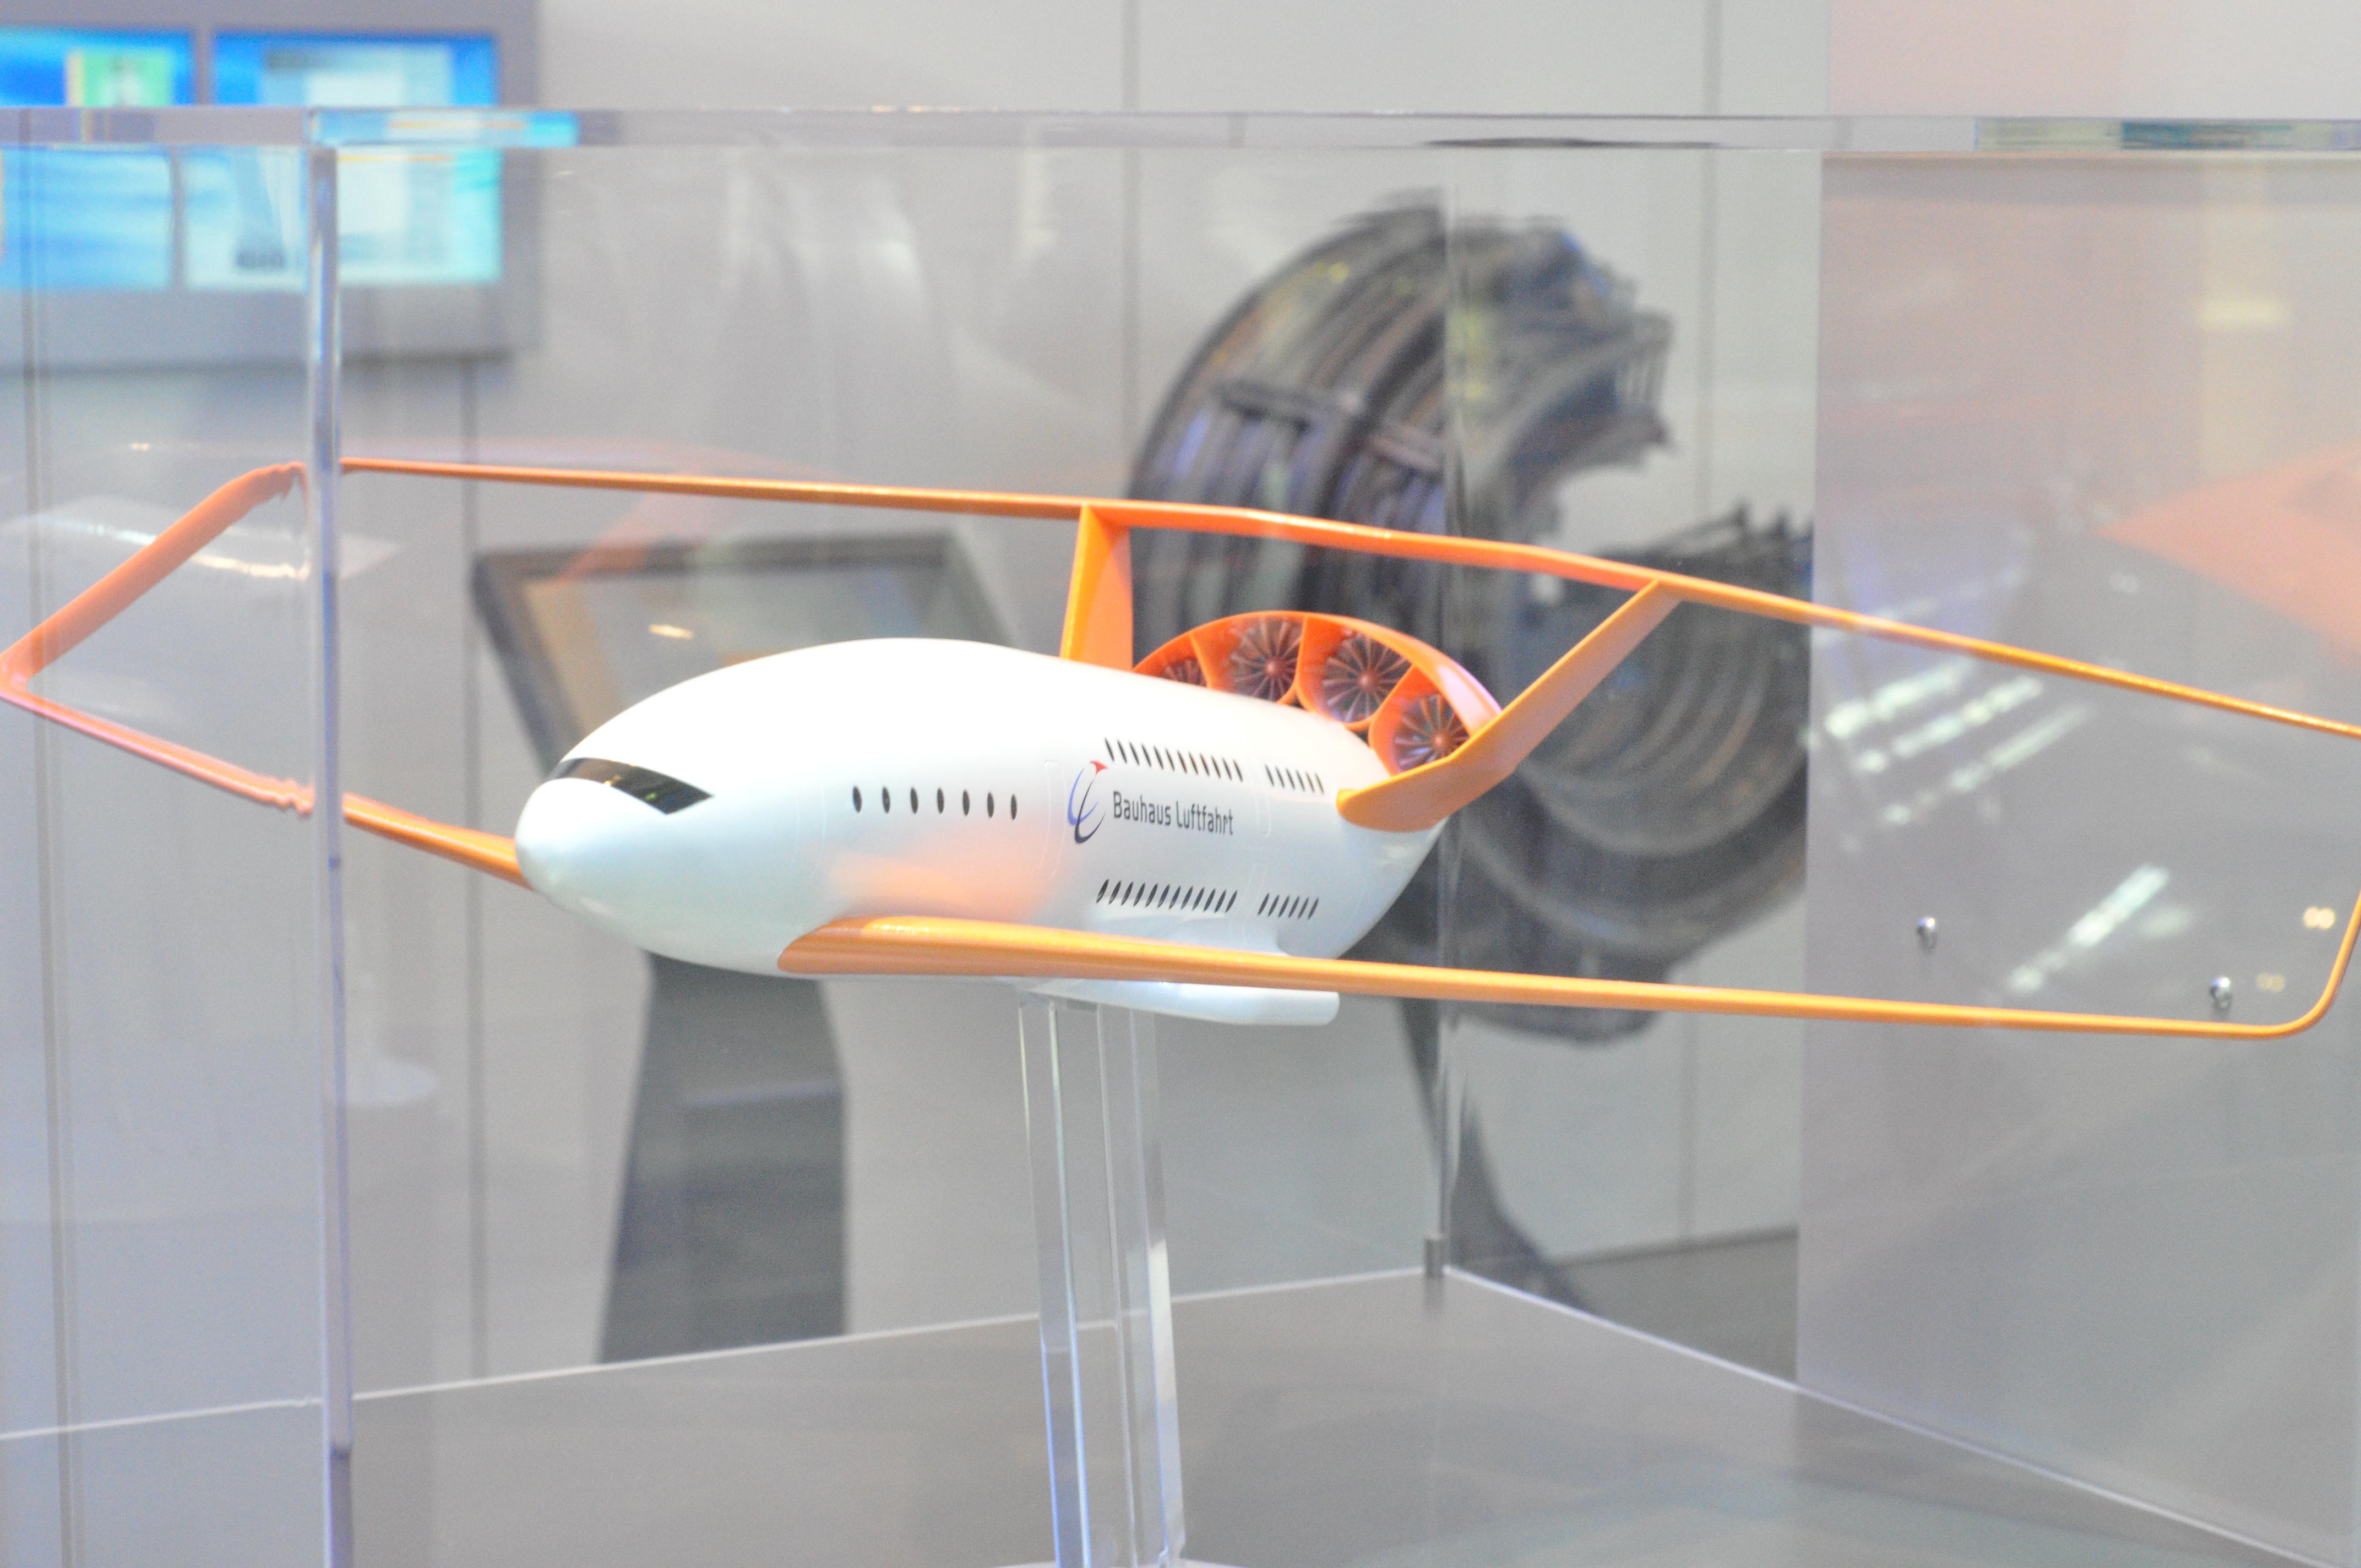 'Bauhaus Luftfahrt'